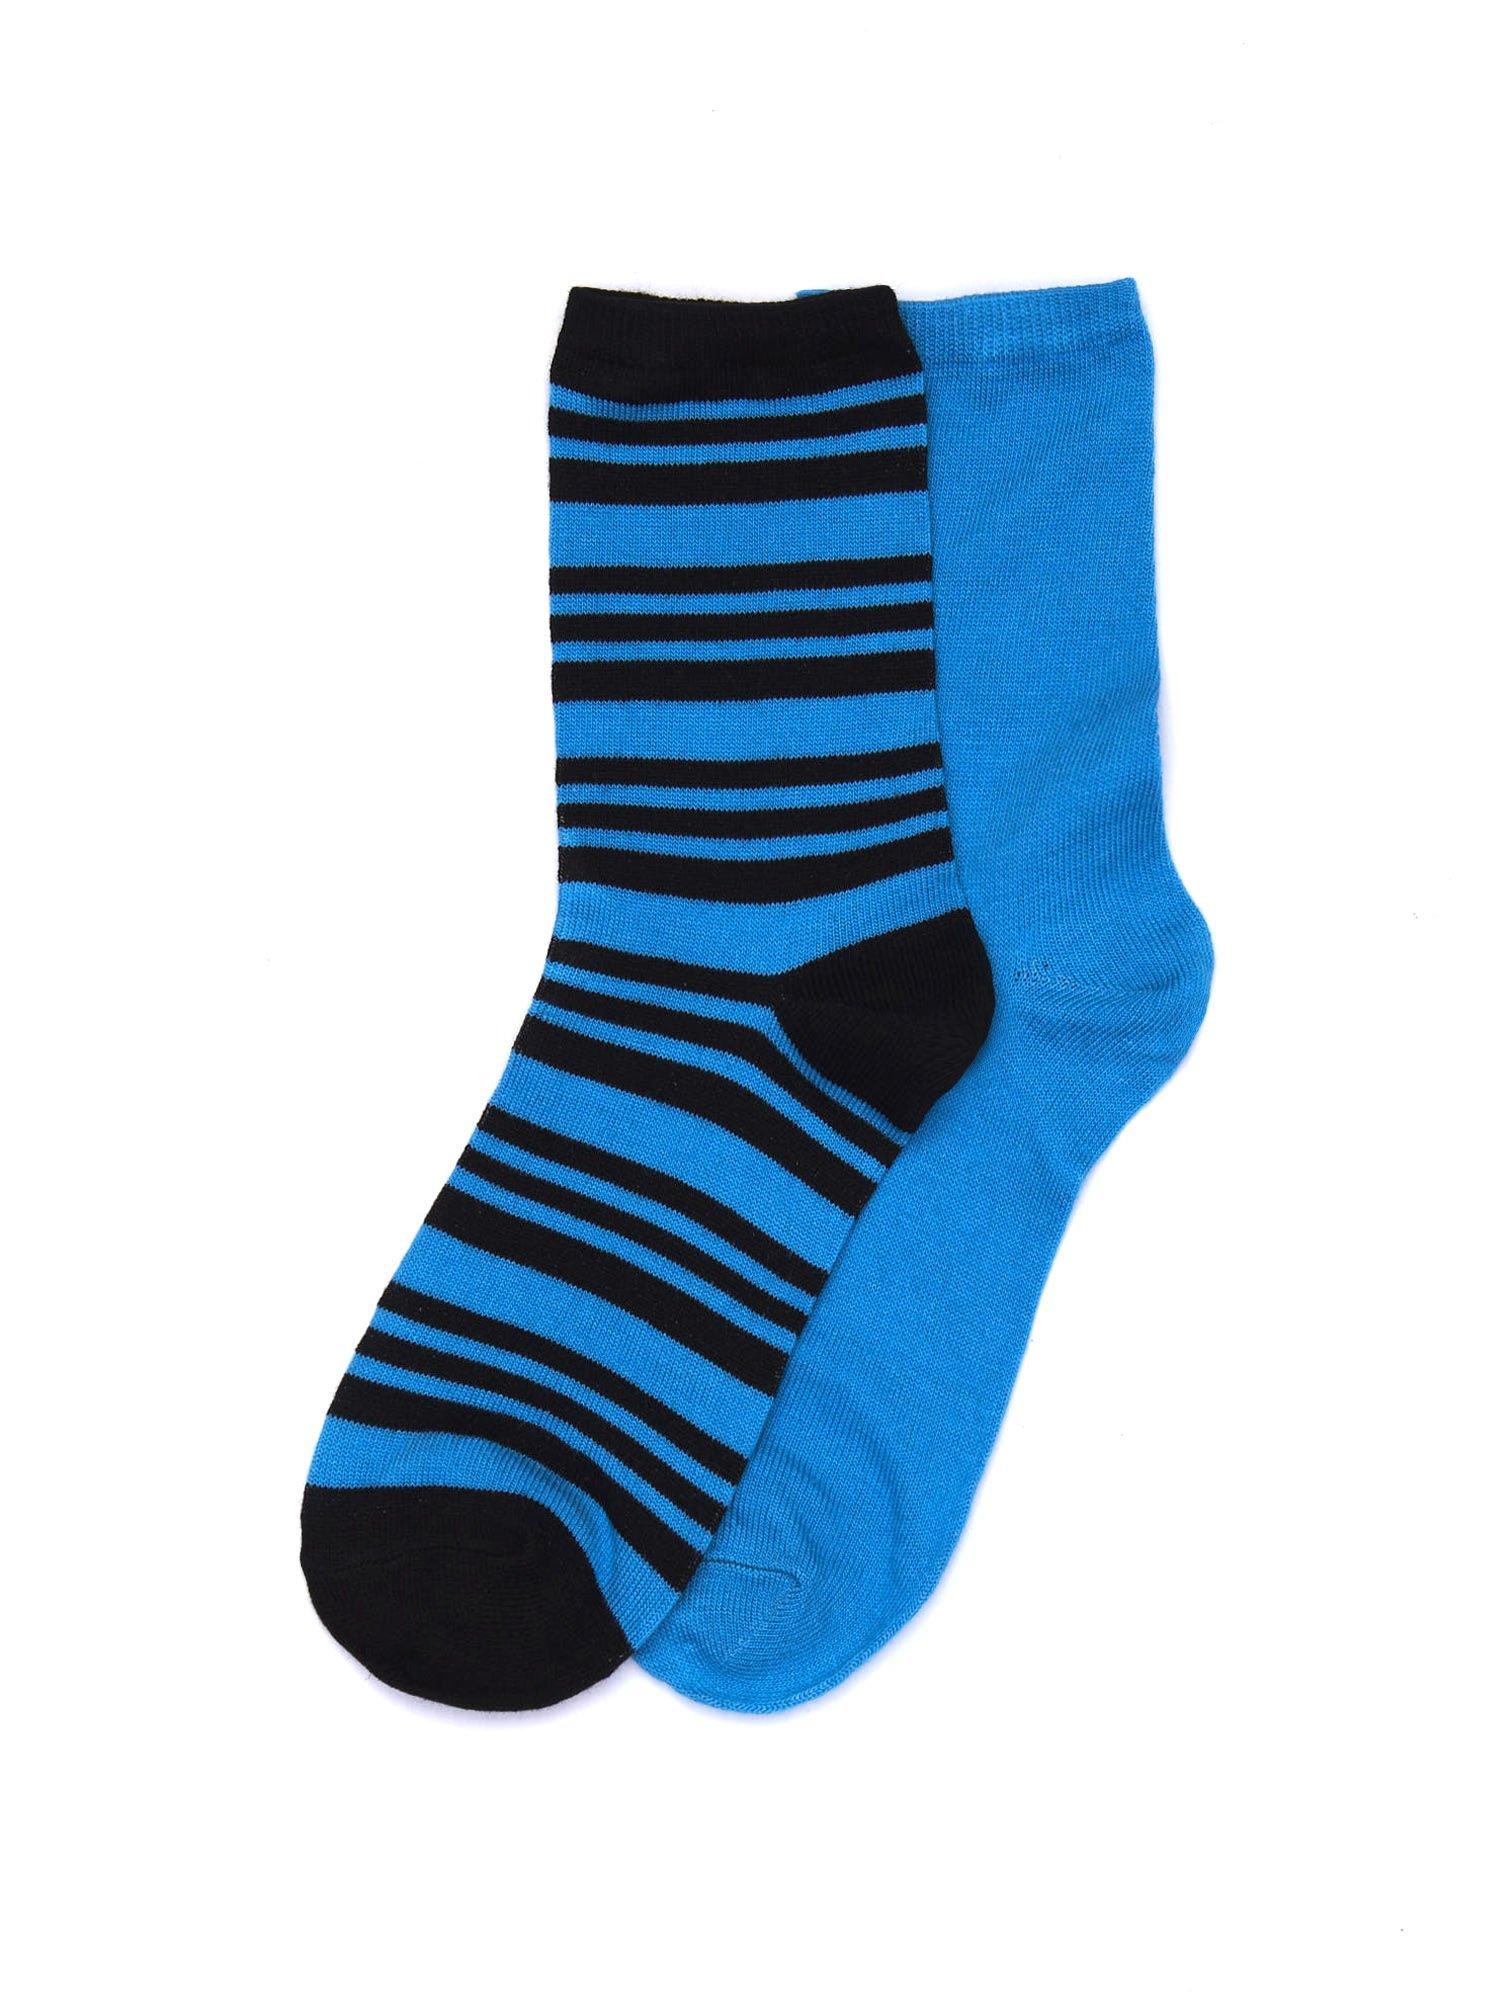 a5982d05a7b77e Niebieskie bawełniane skarpetki gładkie i w paski 2-pak - Bielizna ...